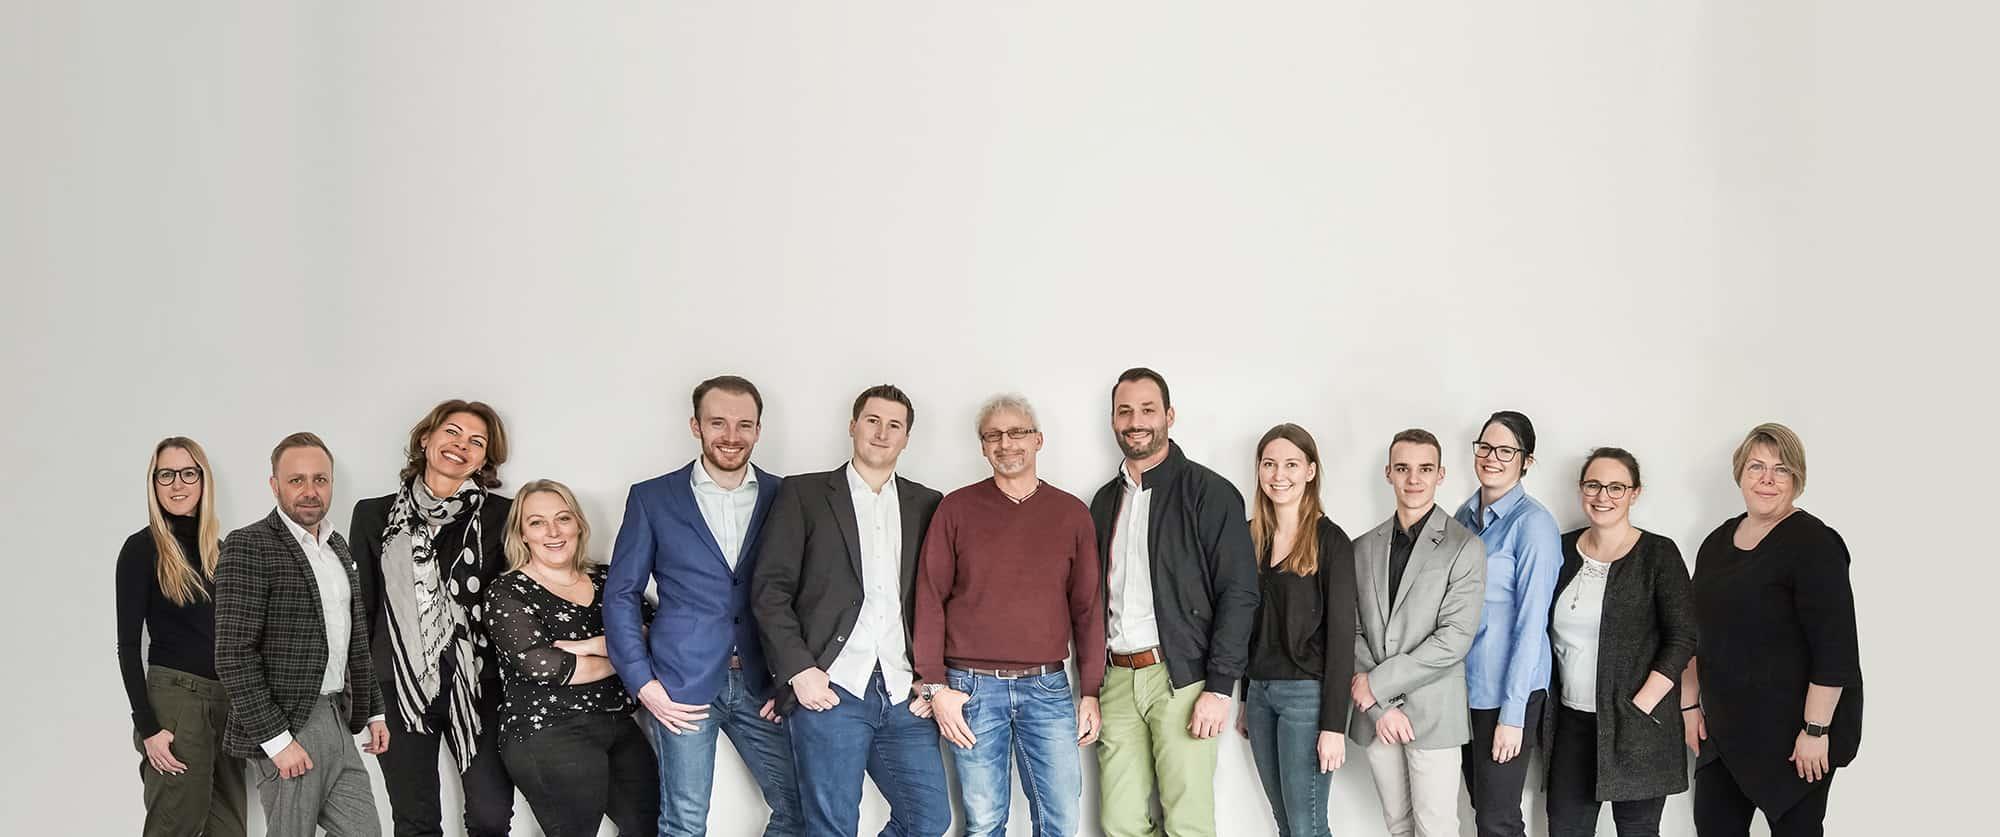 Gebrauchte Software Lizenzen - Vendosoft GmbH Team